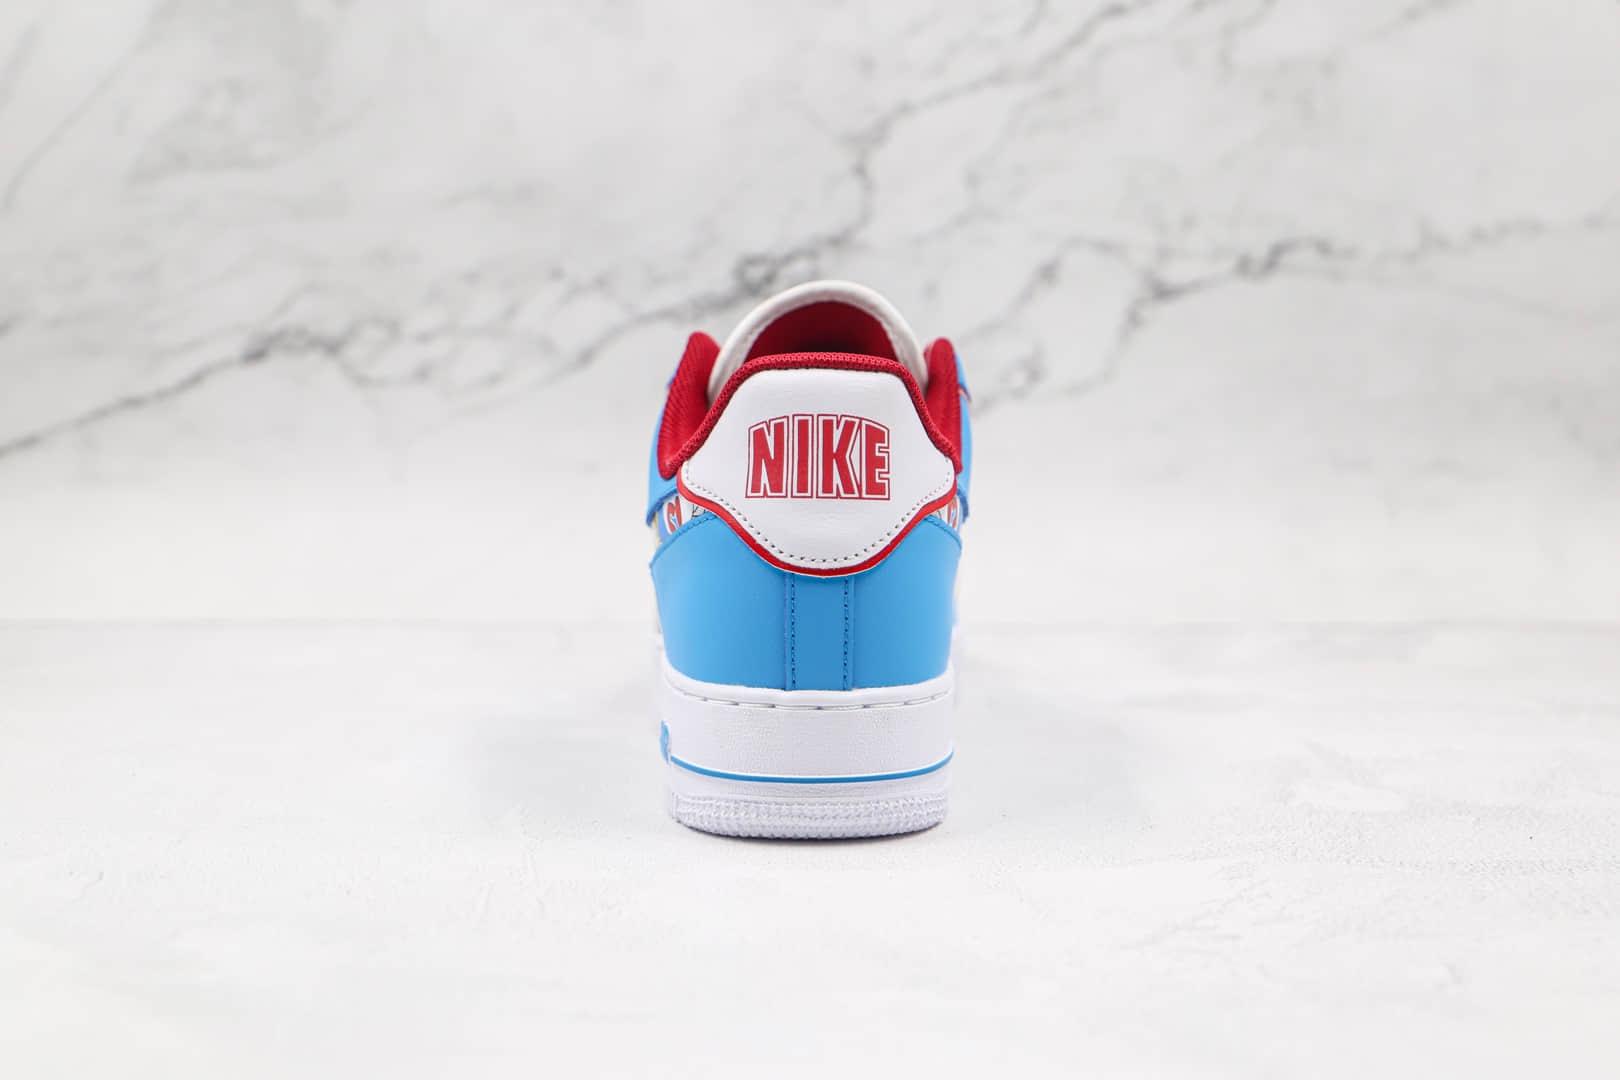 耐克Nike Air Force 1 Low x Doraemon纯原版本低帮空军一号哆啦A梦叮当猫联名款板鞋原盒原标 货号:BQ8988-106